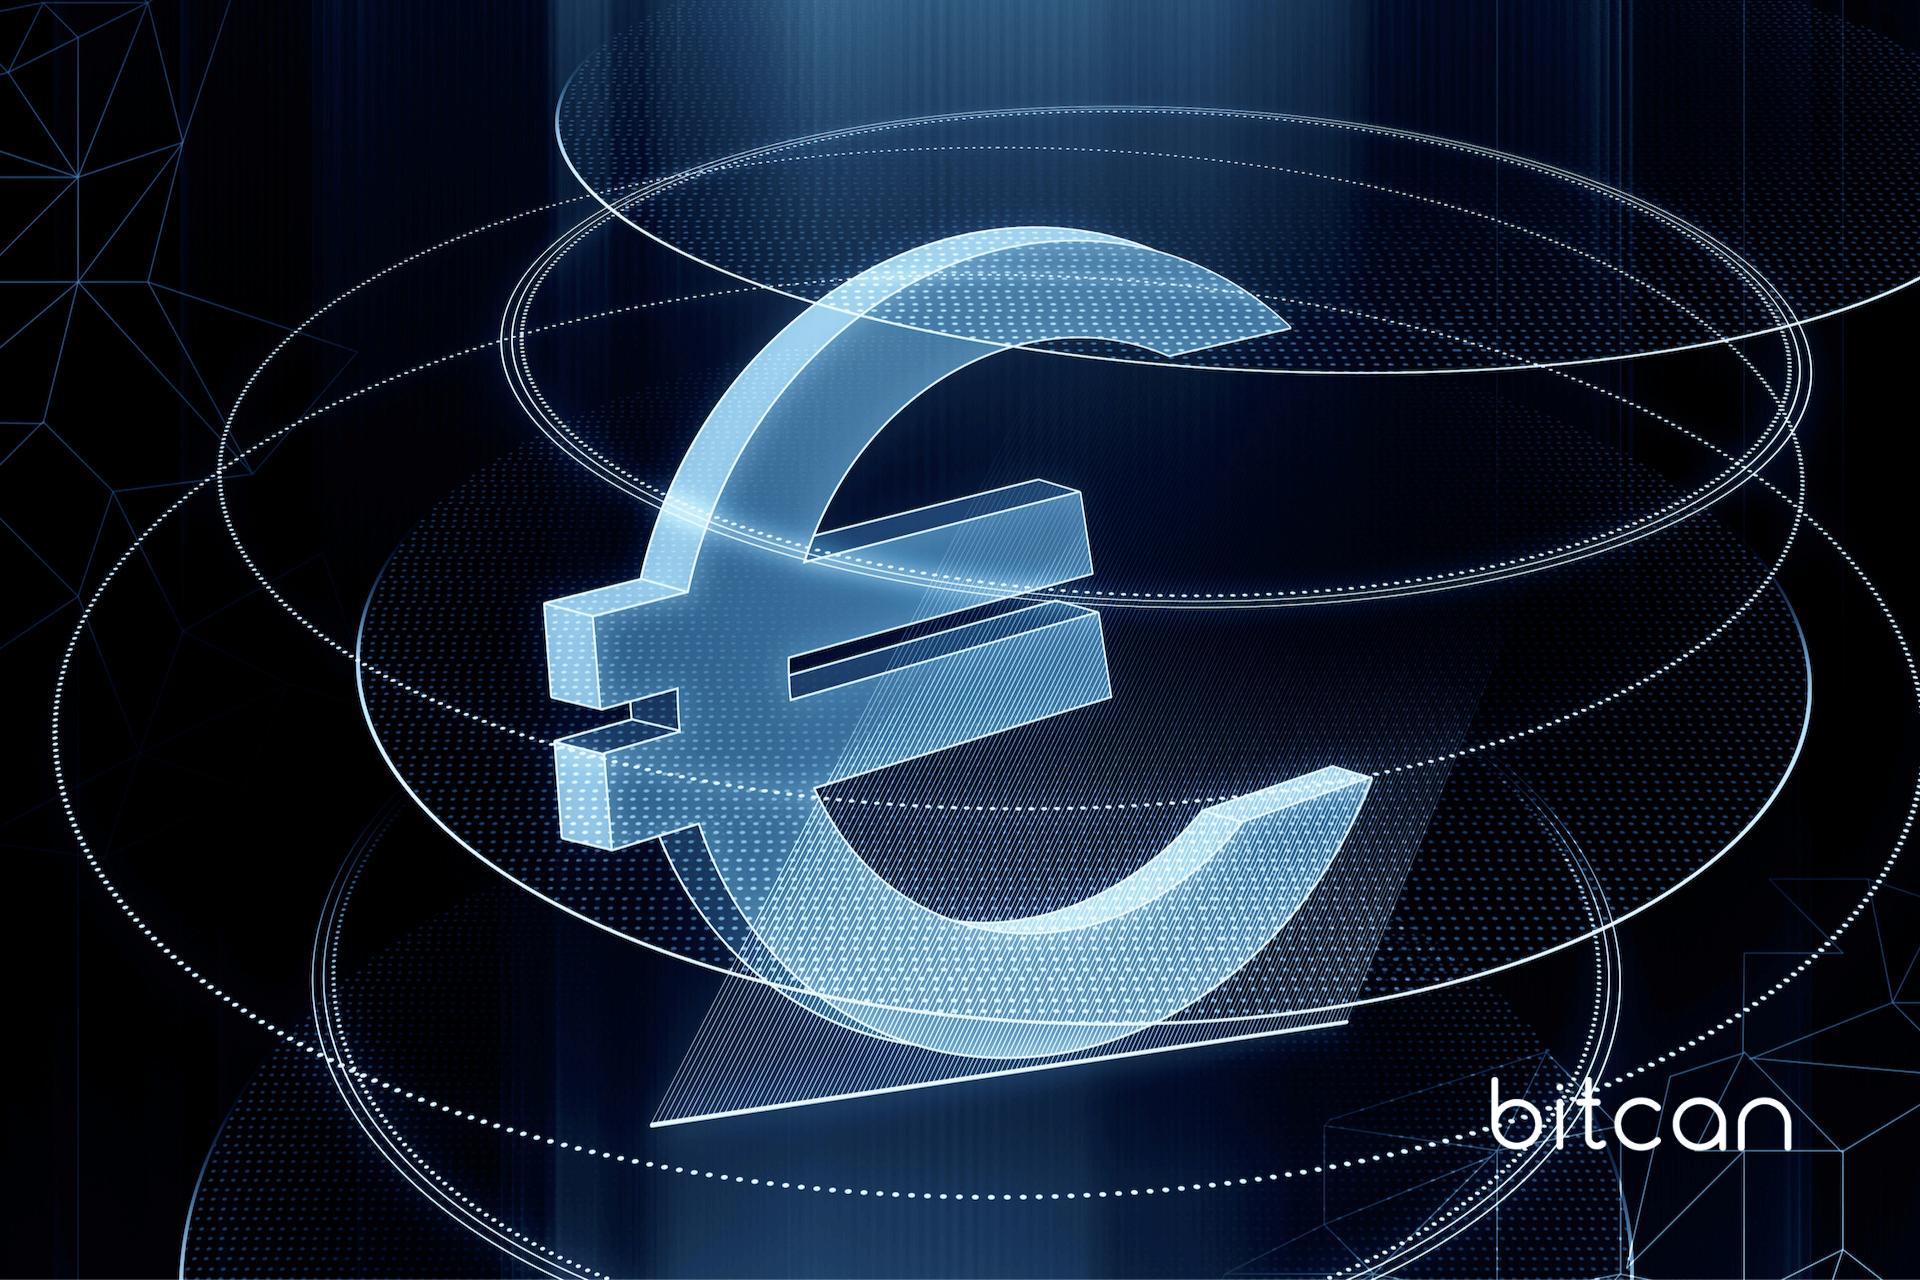 Czy Europa będzie miała własną cyfrową walutę banku centralnego (CBDC)?